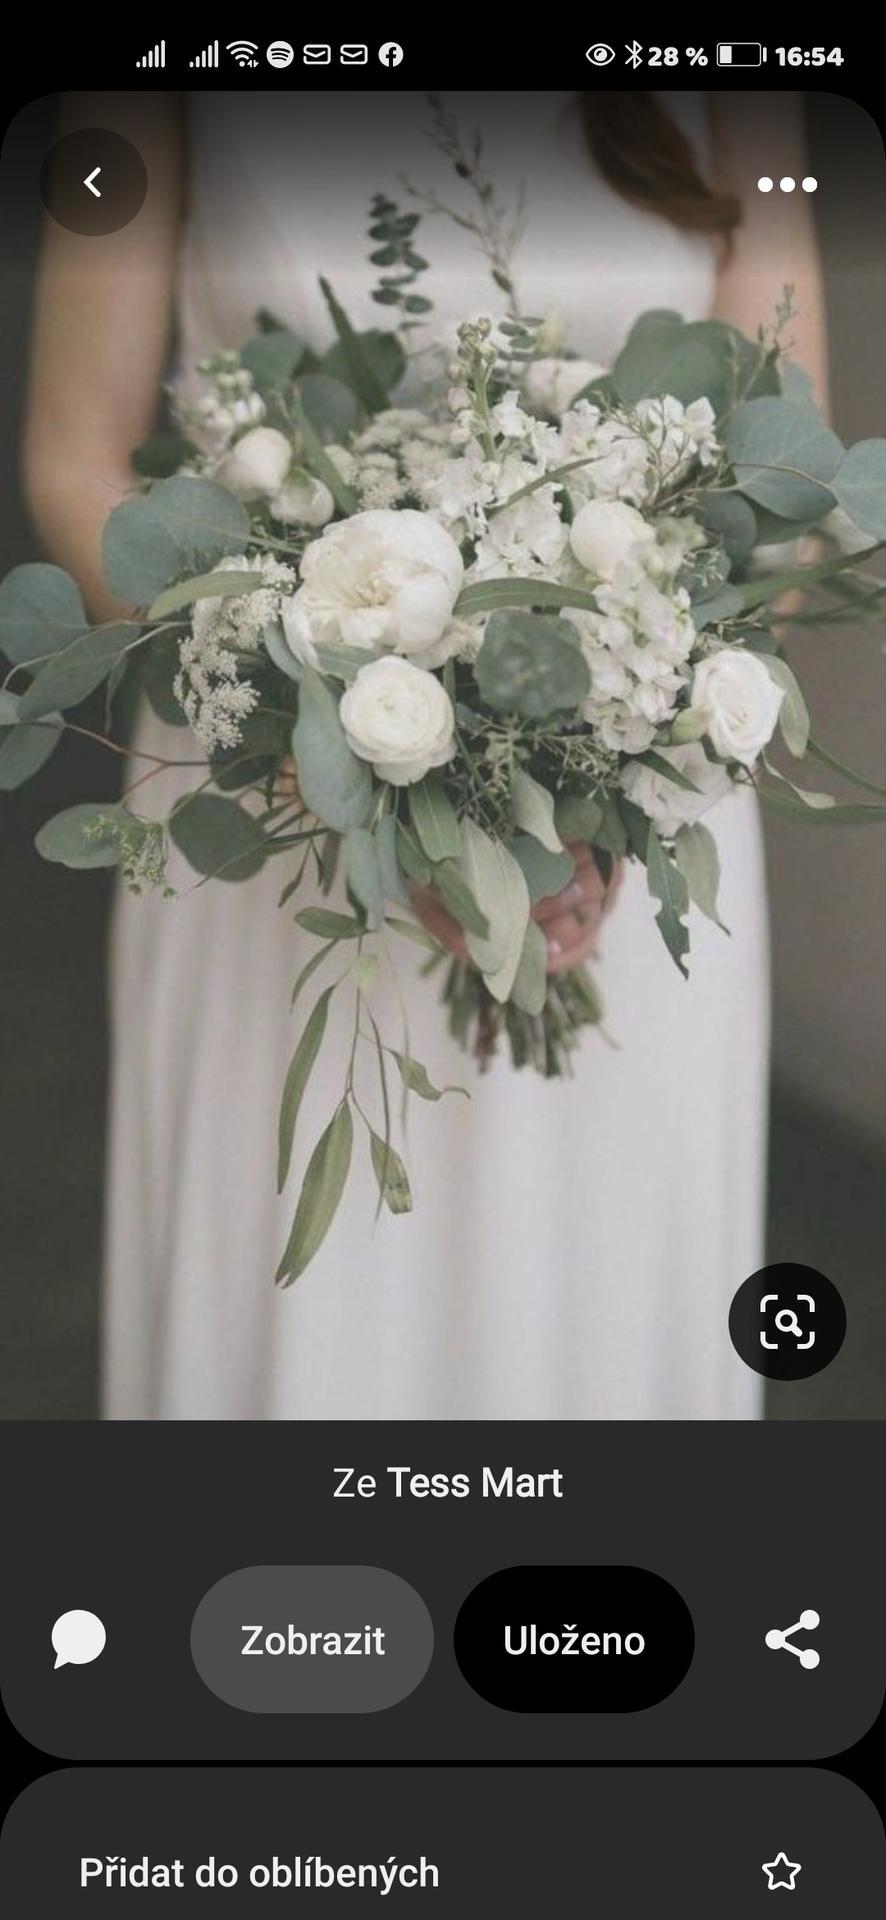 Moje představy - svatební kytice - pivoňky a eukalyptus základ všeho, bez růží